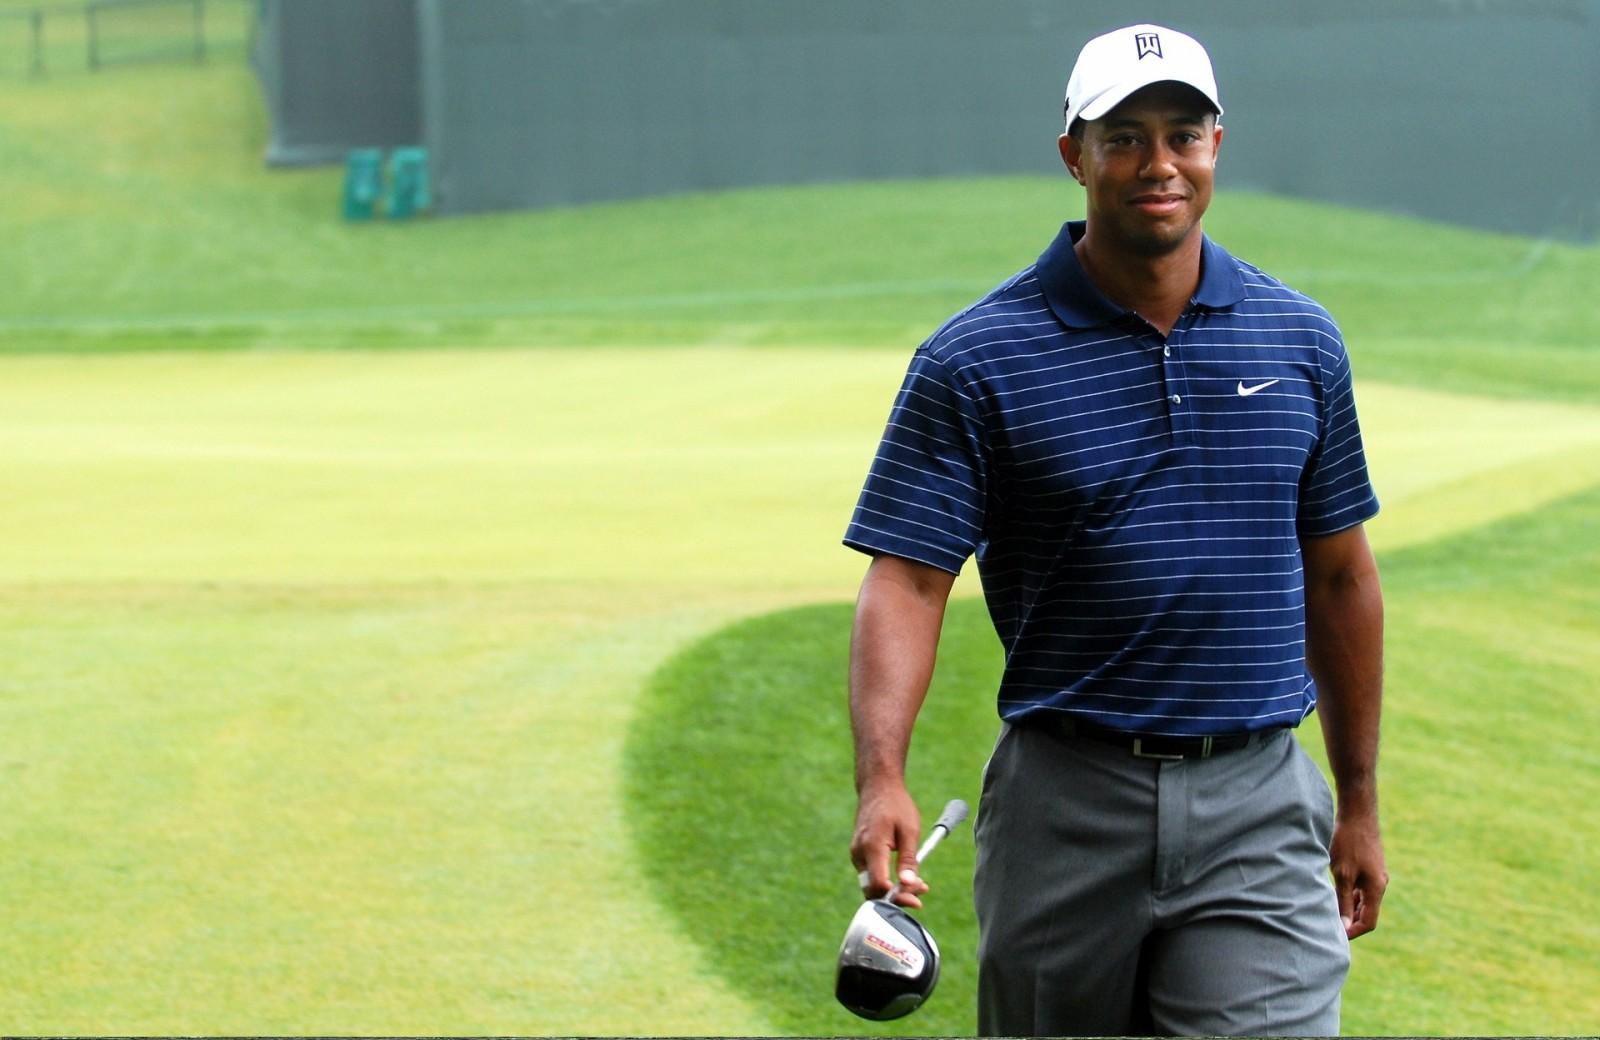 A los golfistas se les paga mejor que a los jugadores de fútbol profesionales - Golf News    Revista de golf